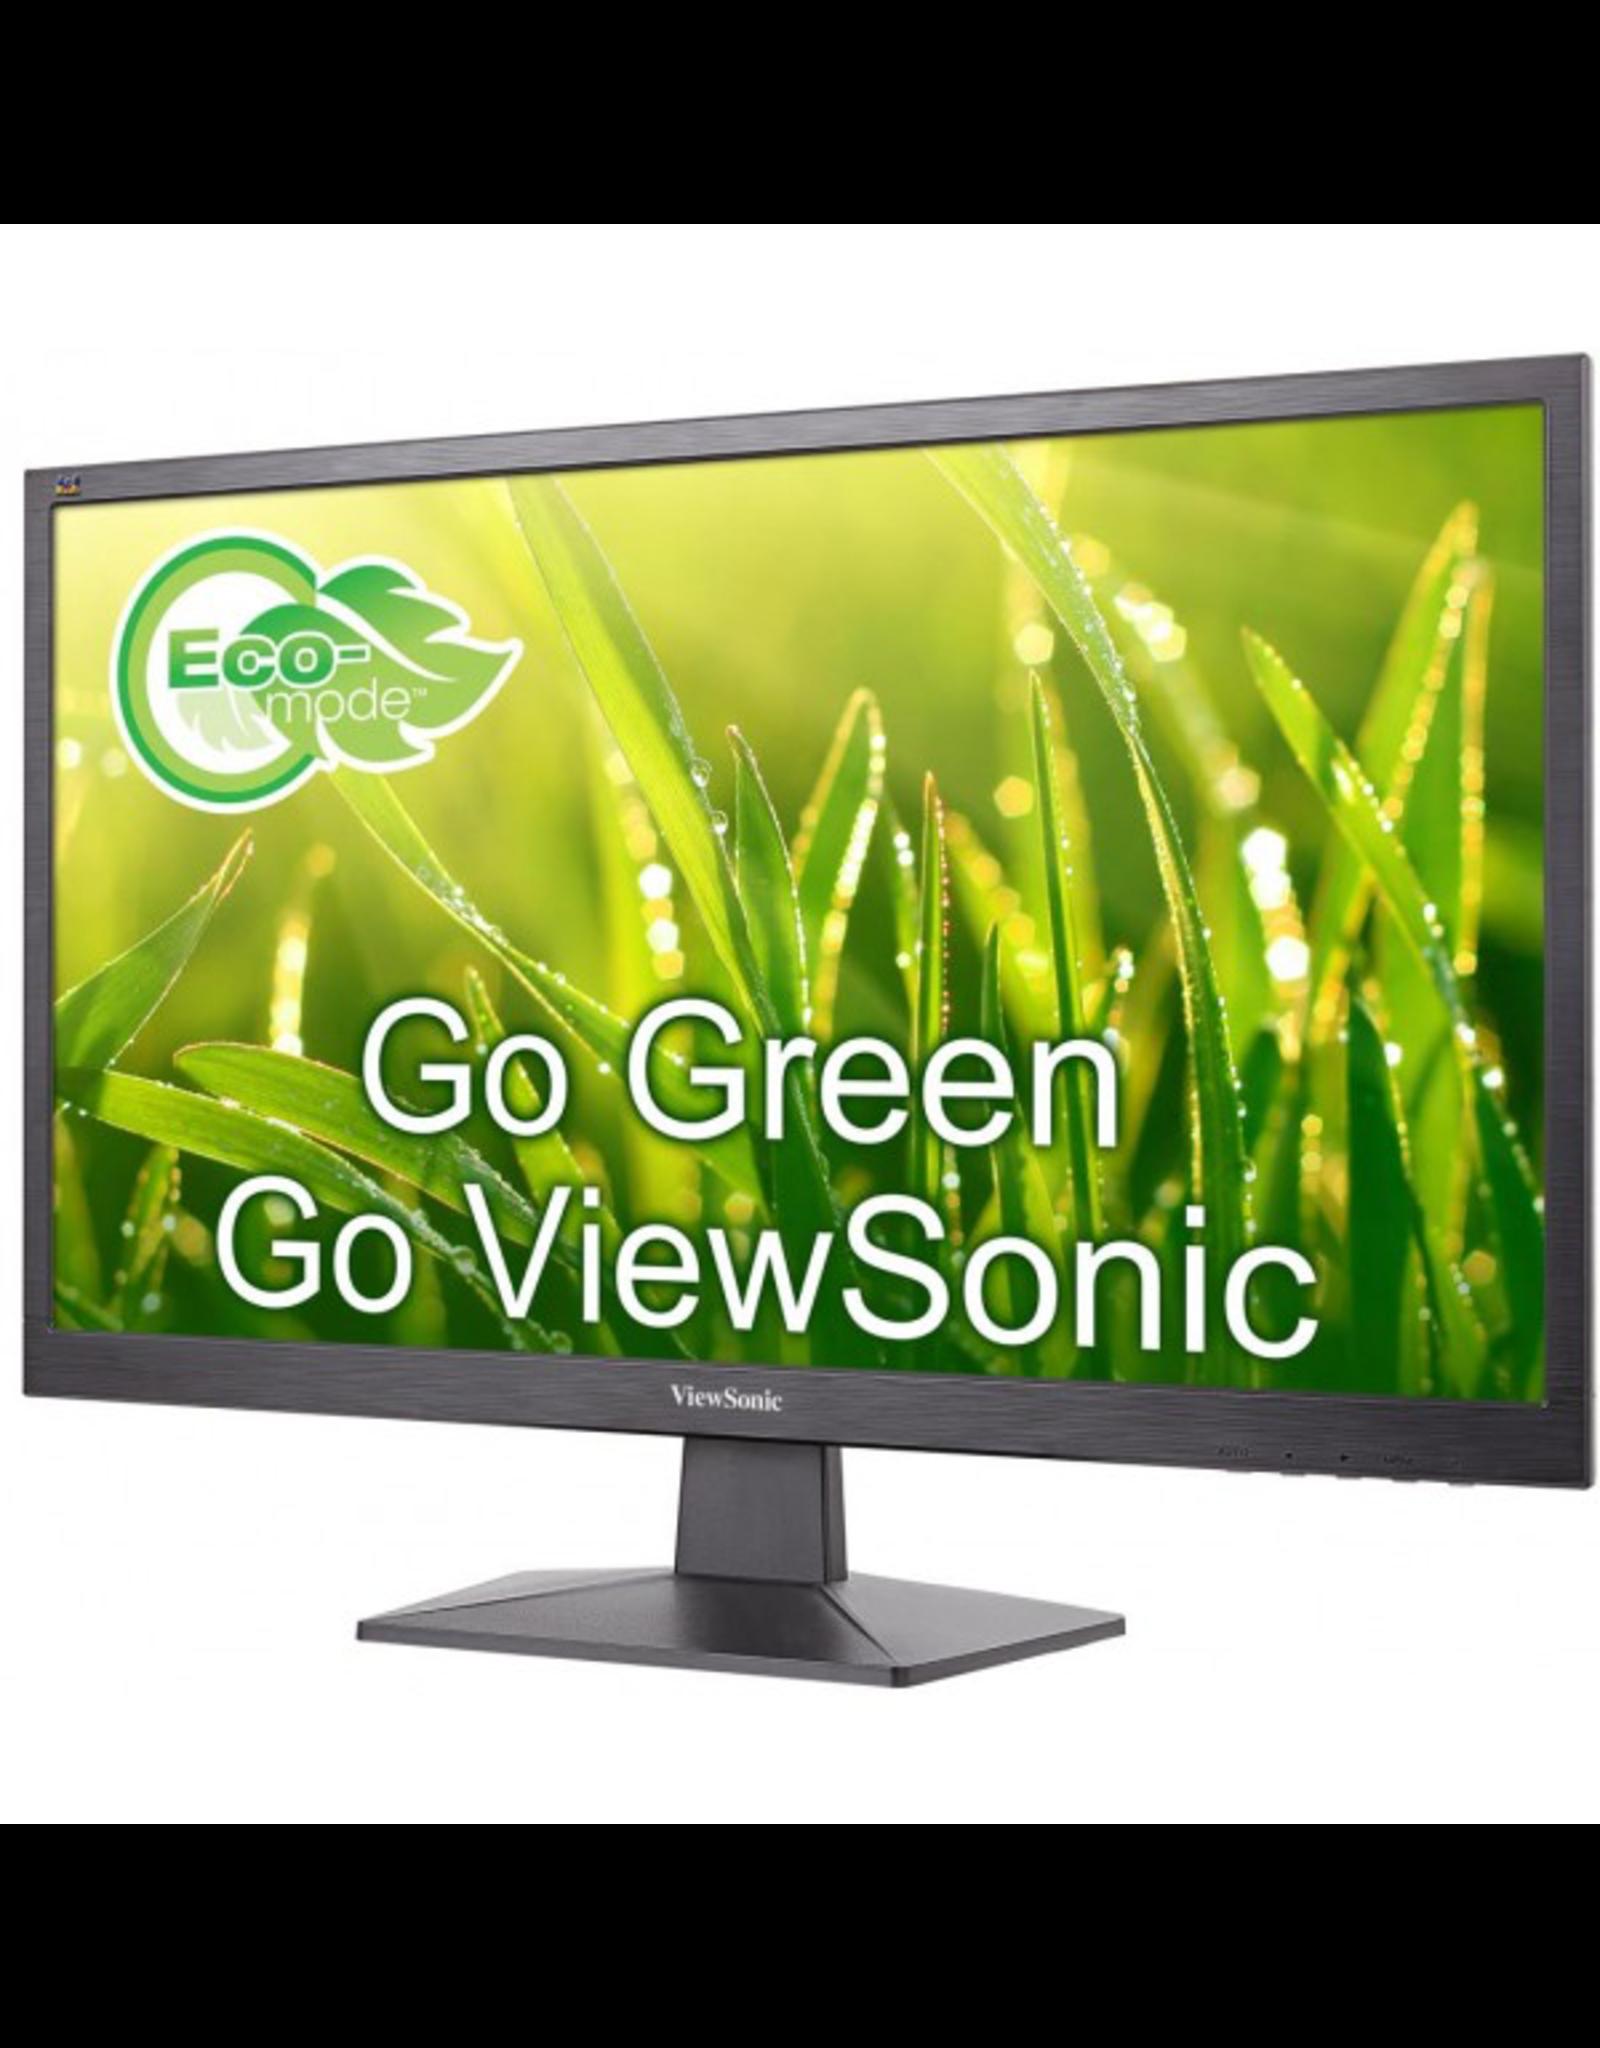 """Viewsonic ViewSonic 24"""" (23.6"""" viewable) 1920x1080  LED Display VGA/HDMI, VESA"""